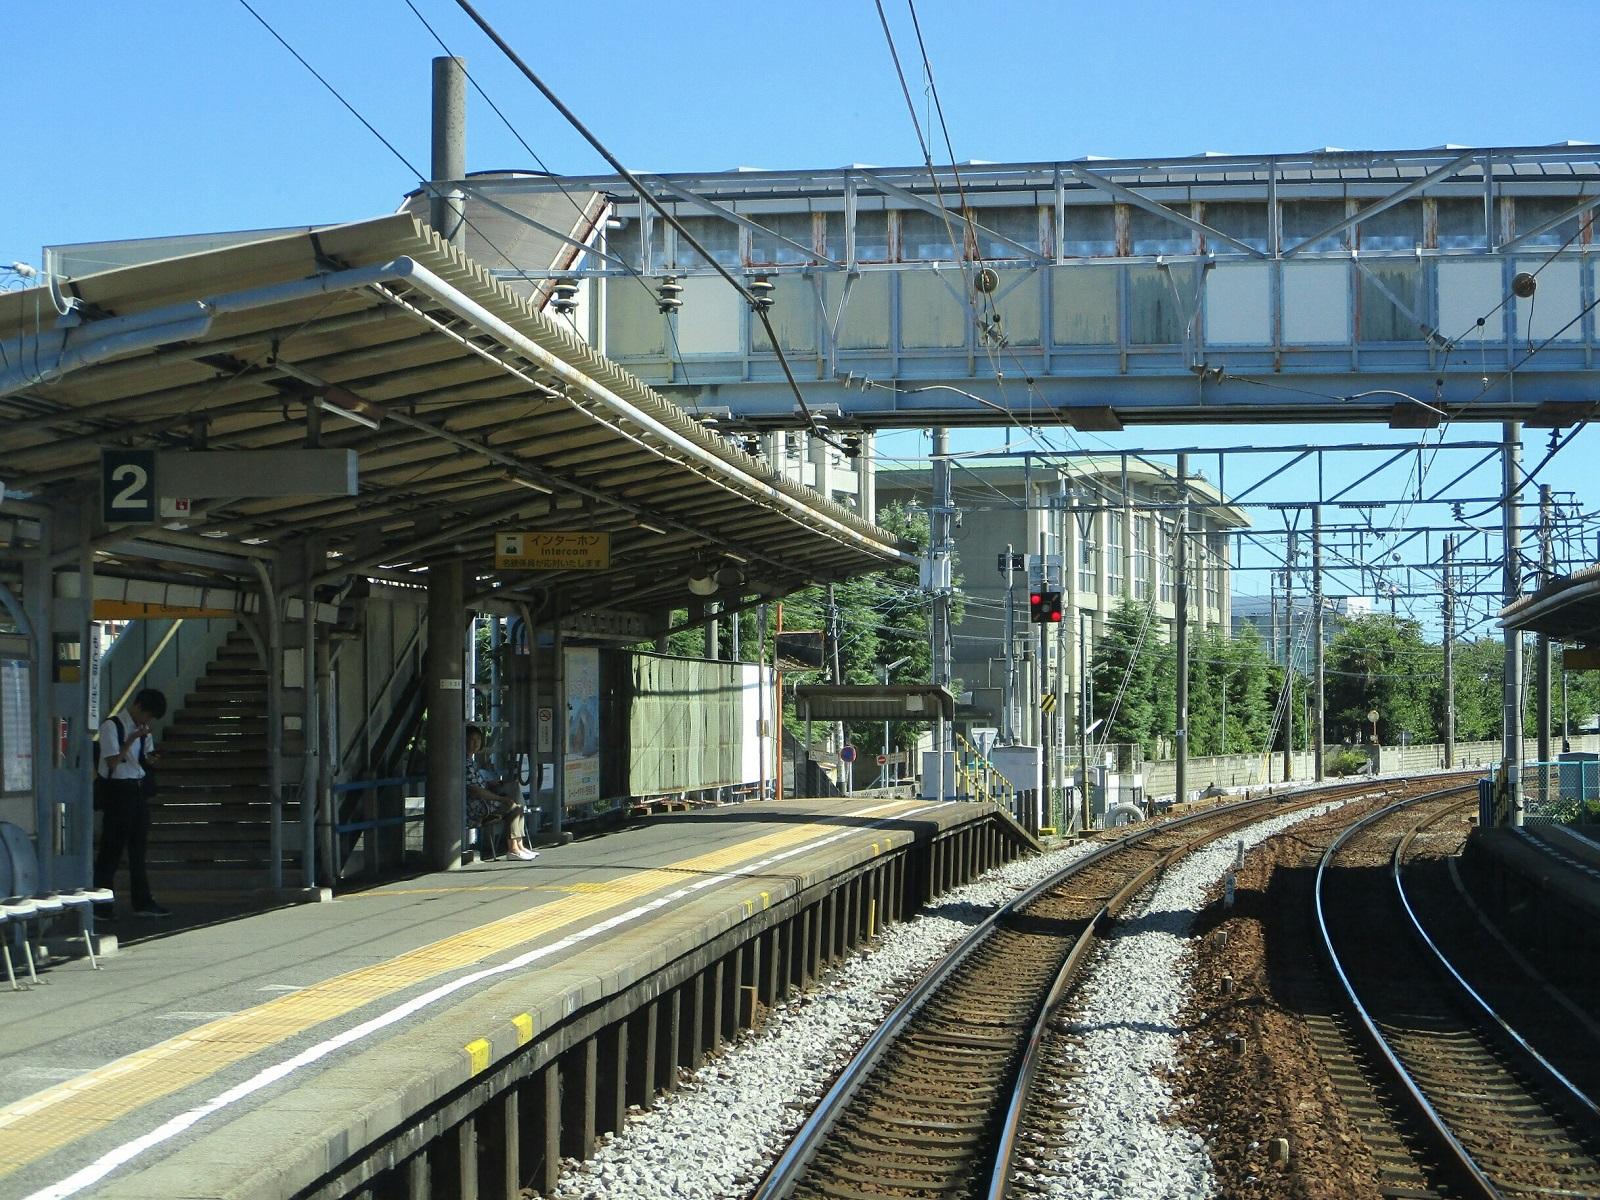 2018.8.22 (14) 東岡崎いきふつう - 本星崎 1600-1200